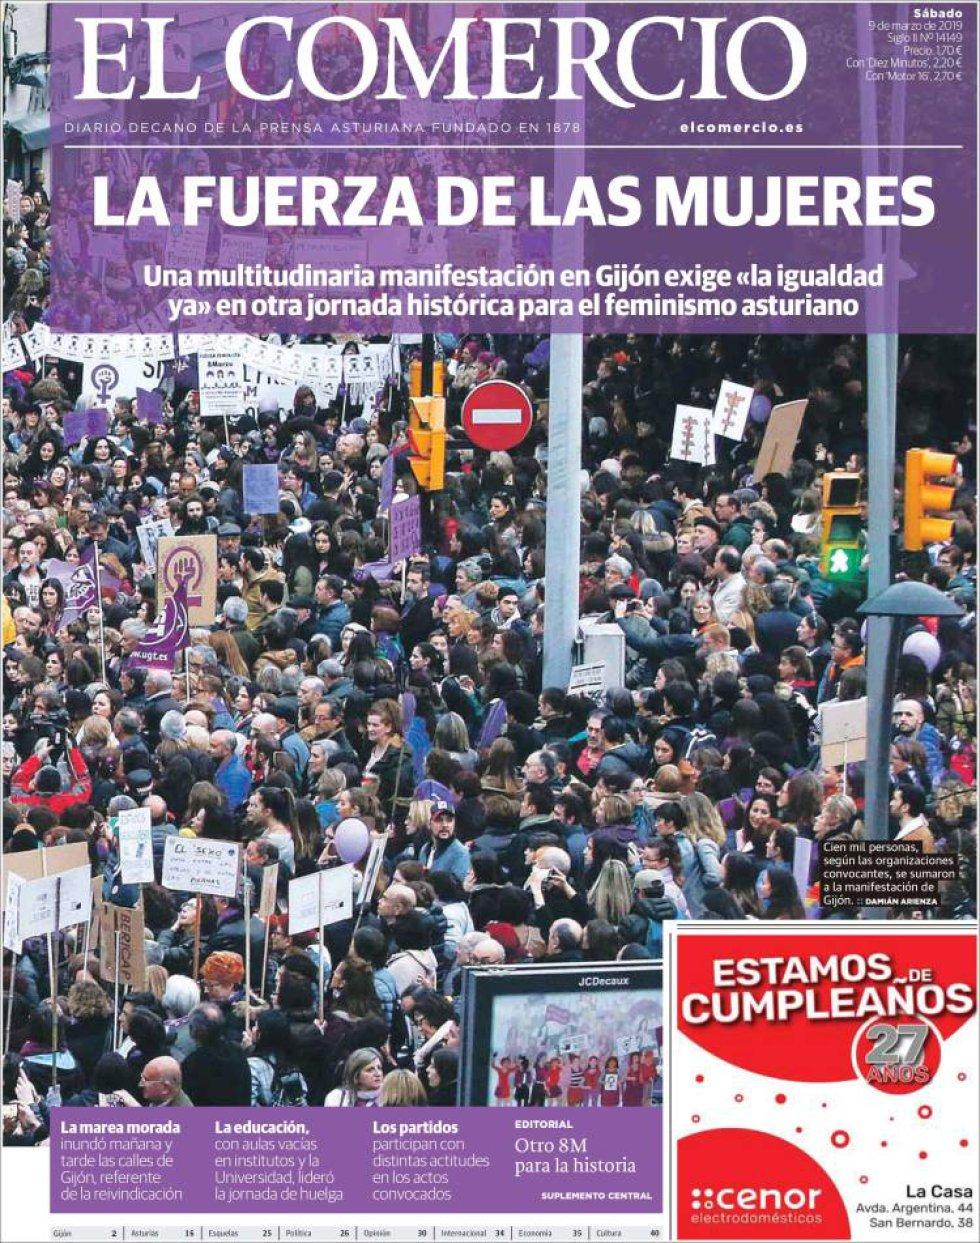 Portada de EL COMERCIO el 9M